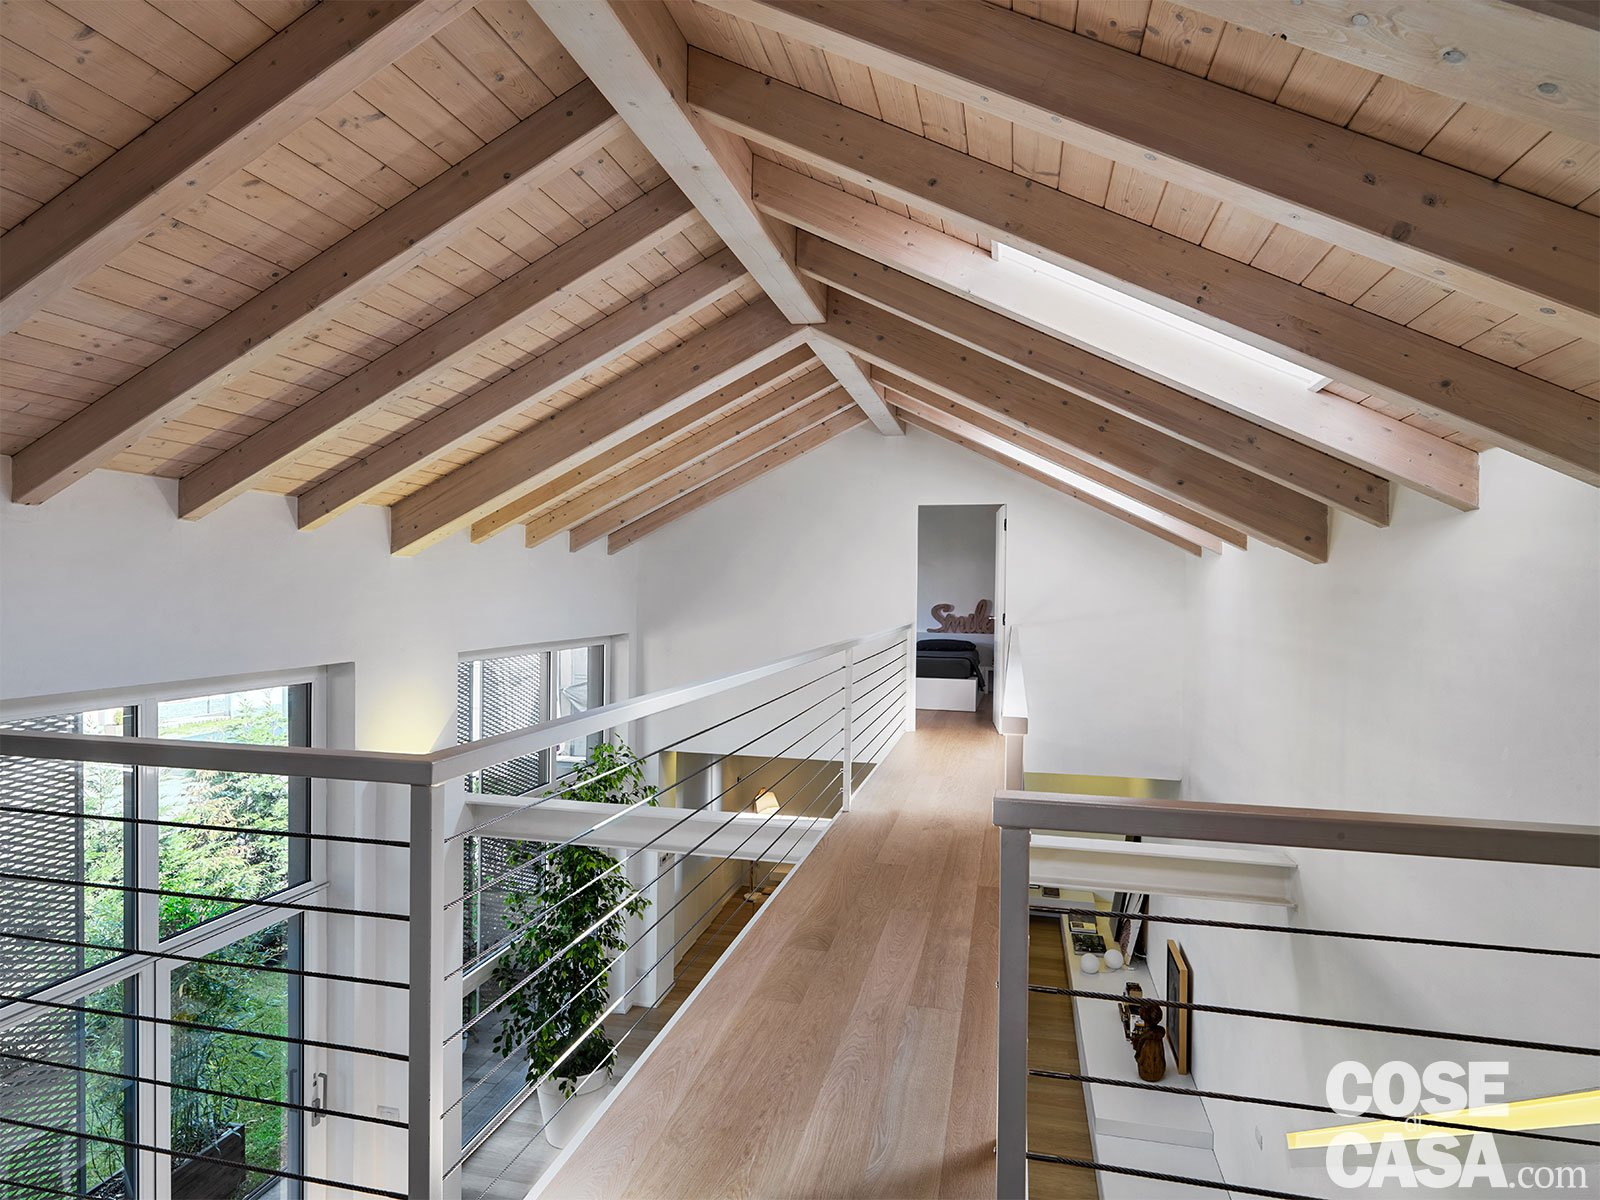 Loft una casa sottotetto a doppia altezza cose di casa for Casa moderna con tetto in legno